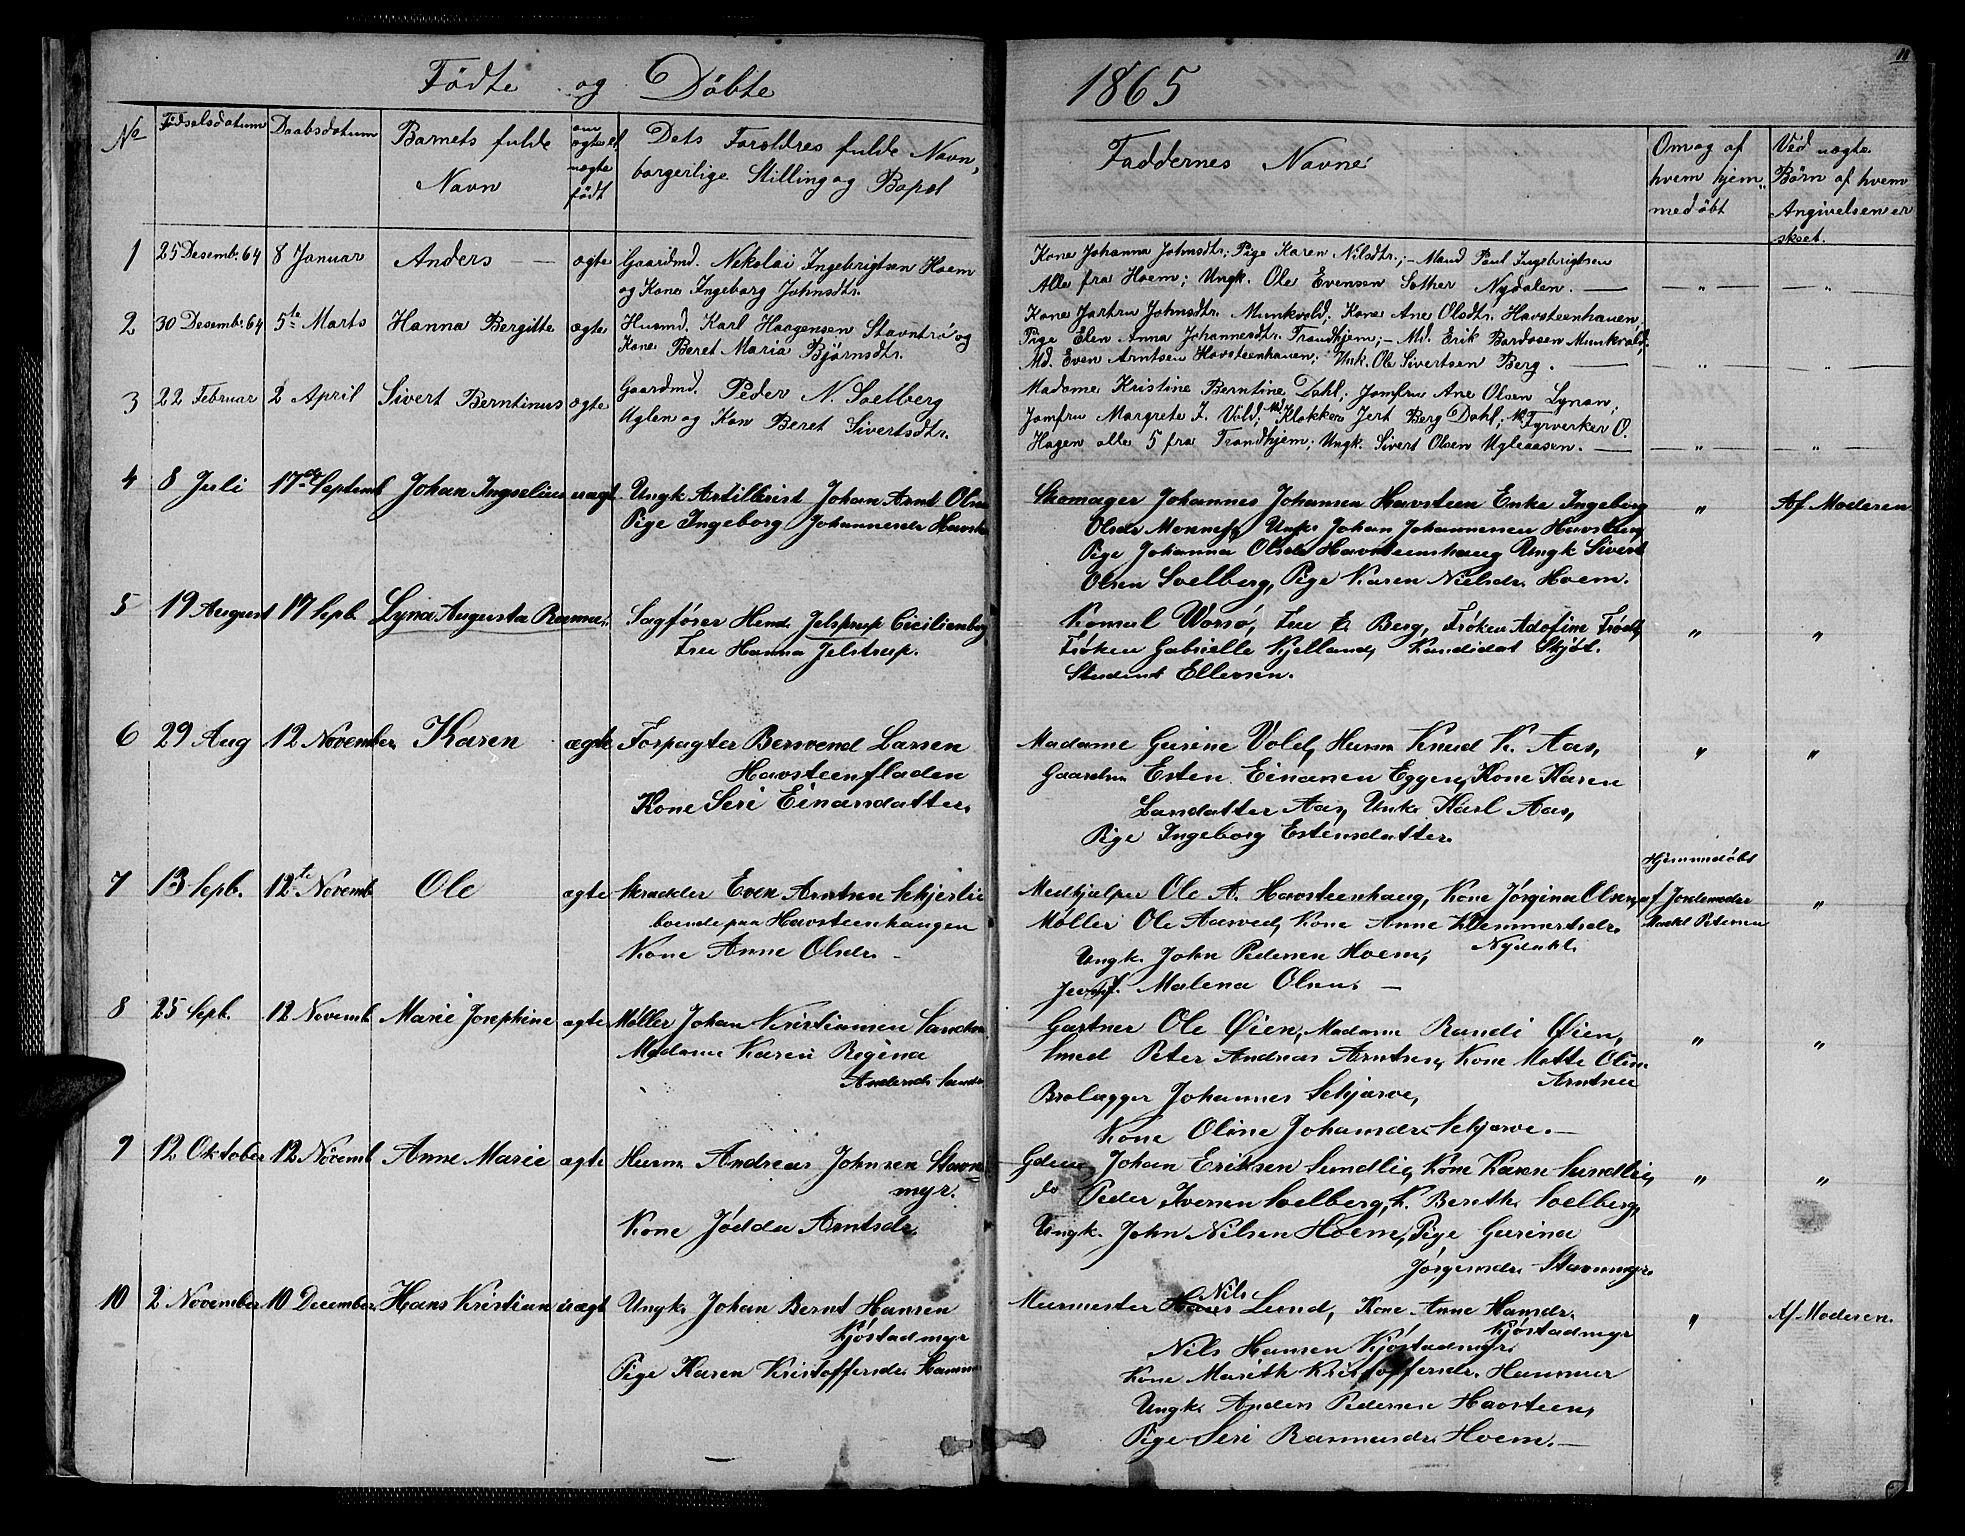 SAT, Ministerialprotokoller, klokkerbøker og fødselsregistre - Sør-Trøndelag, 611/L0353: Klokkerbok nr. 611C01, 1854-1881, s. 11